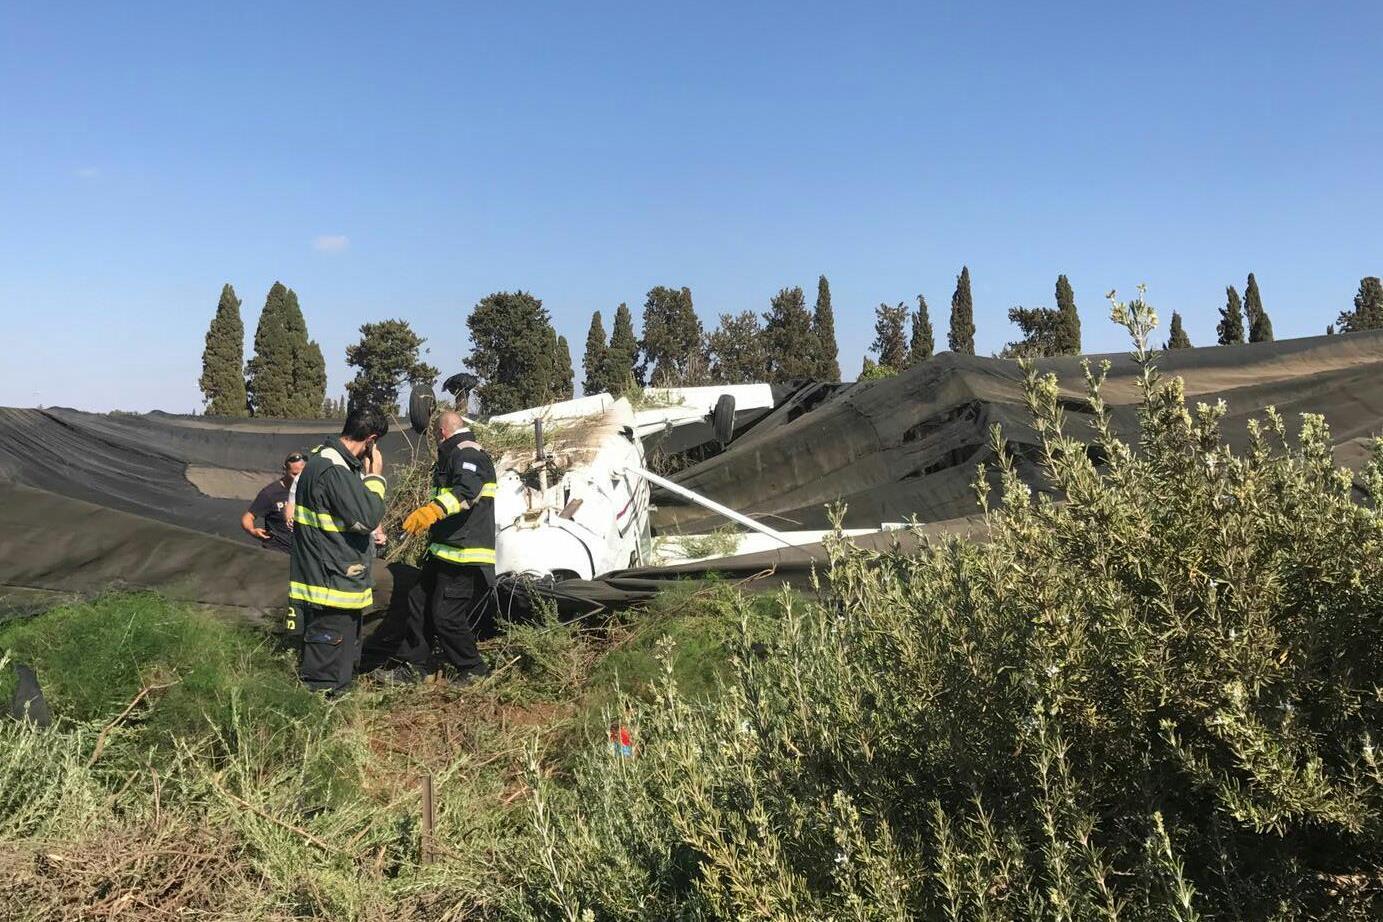 שני פצועים בנחיתת חירום של מטוס קל סמוך לשדה התעופה בהרצליה